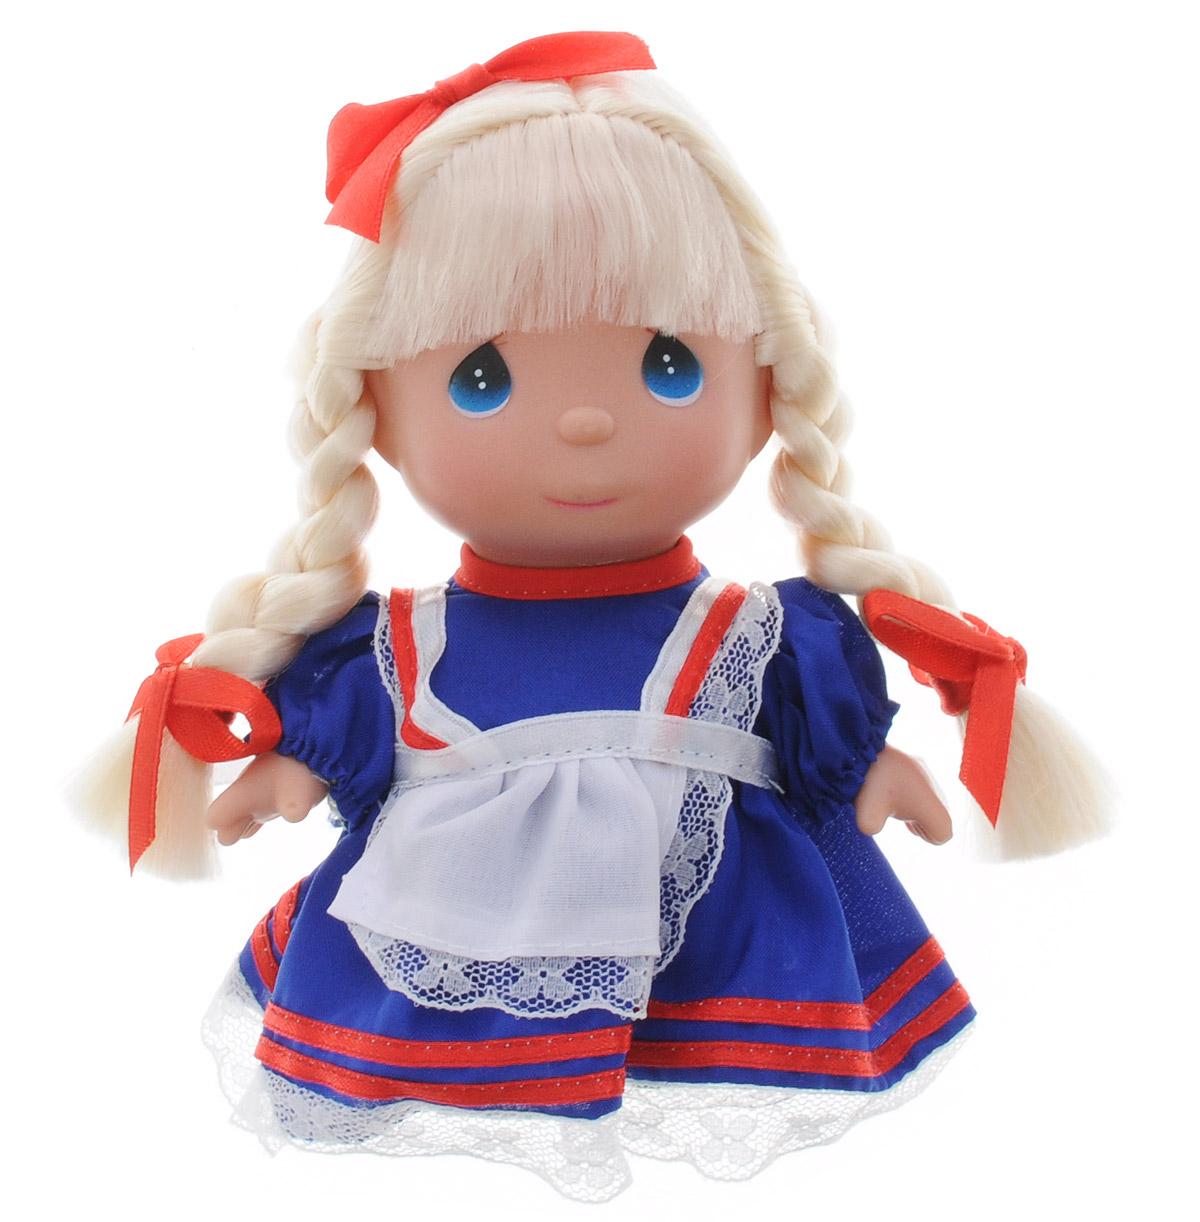 Precious Moments Мини-кукла Алиса5282Какие же милые эти куколки Precious Moments. Создатель этих очаровательных крошек настоящая волшебница - Линда Рик - оживила свои творения, каждая кукла обрела свой милый и неповторимый образ. Эти крошки могут сопровождать вас в чудесных странствиях и сделать каждый момент вашей жизни незабываемым! Очаровательная мини-кукла Алиса одета в русское народное платье. Длинные светлые волосы заплетены в две косички и украшены бантиками. На милом личике большие синие глазки. Благодаря играм с куклой, ваша малышка сможет развить фантазию и любознательность, овладеть навыками общения и научиться ответственности. Порадуйте свою принцессу таким прекрасным подарком!